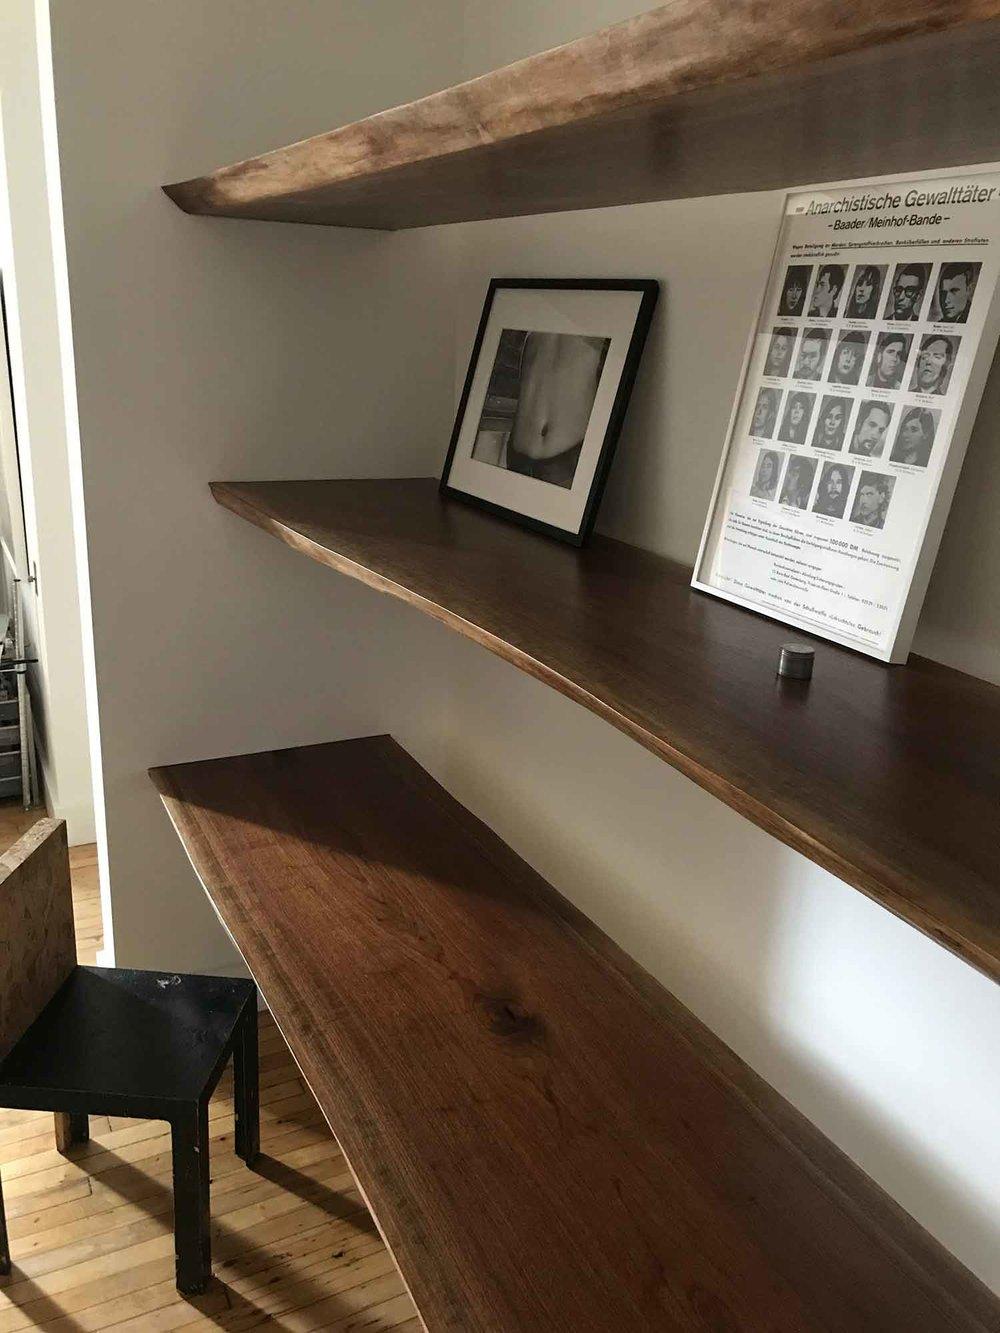 wickham-22st-shelves2.jpg